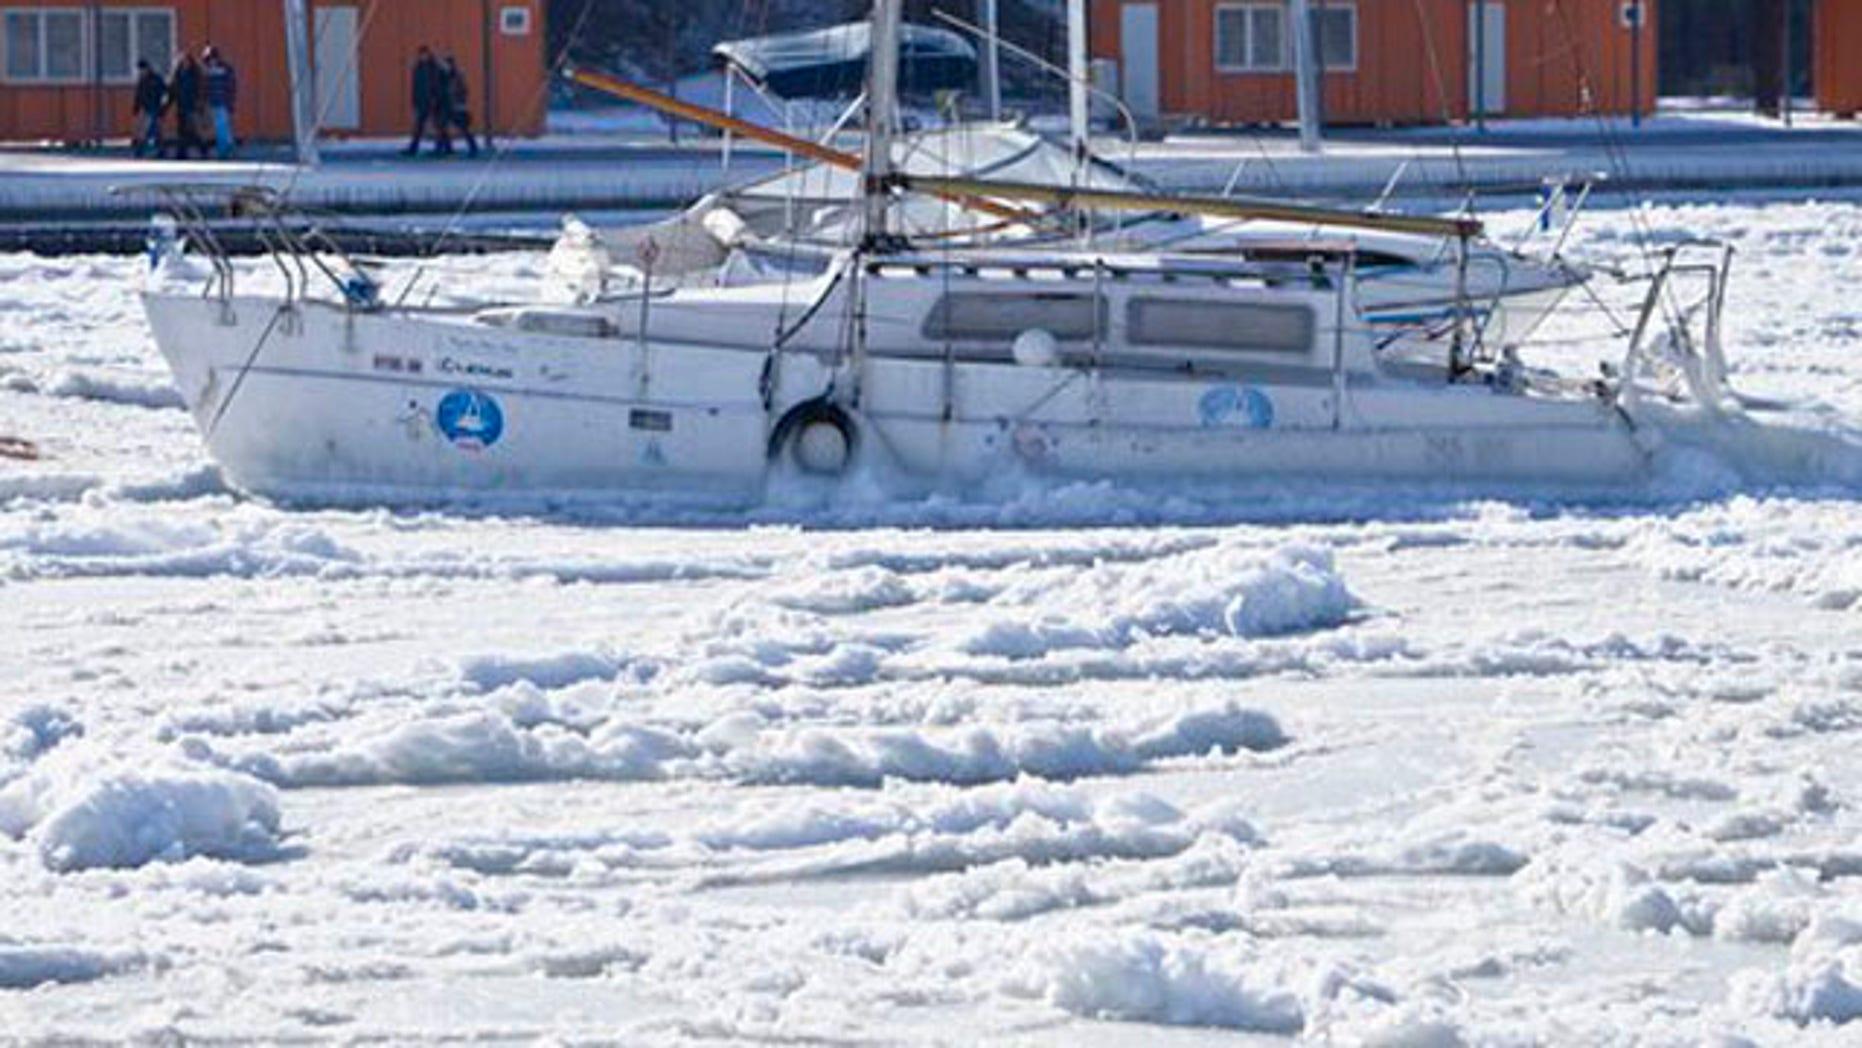 Feb. 2, 2012: Ice engulfs a boat as the Black Sea is frozen near the shore in Constanta, Romania.